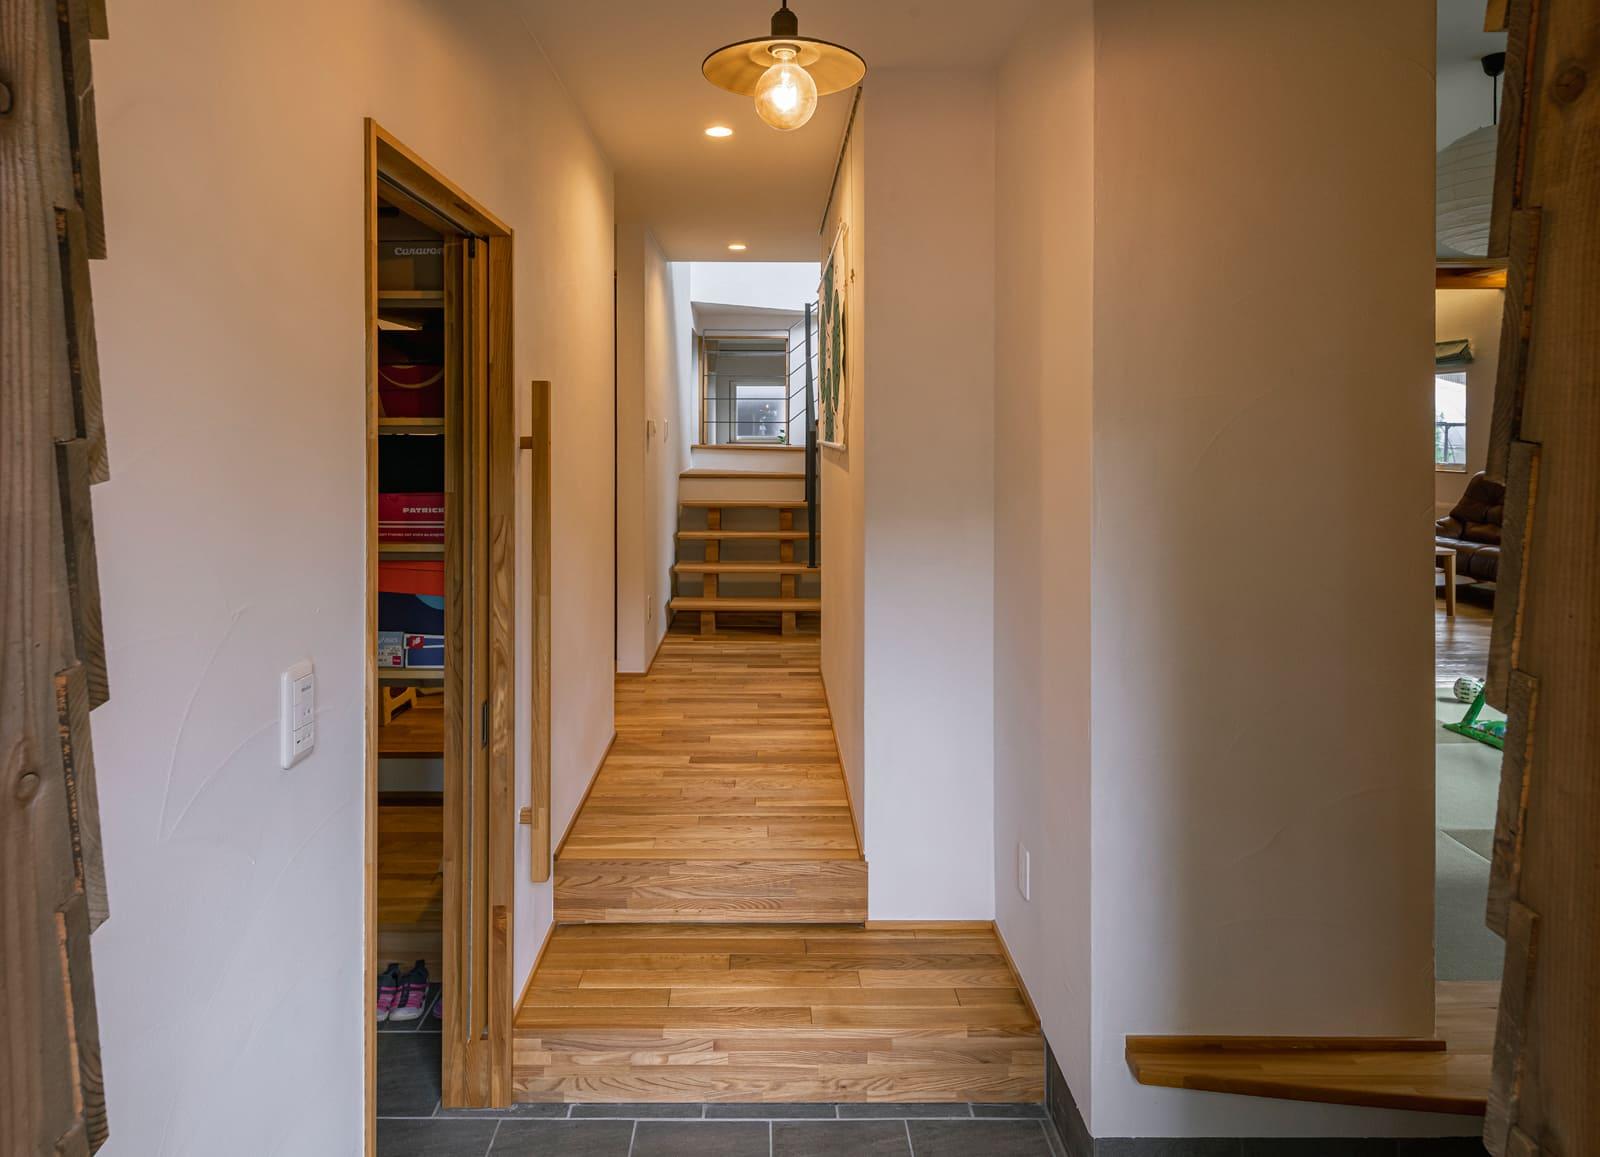 玄関土間は、シューズクローゼット、和室や音楽室、LDK、3方向の動線の起点。室内をぐるりと回れる複数の動線も、延床47坪以上の広さを演出する仕掛けのひとつ